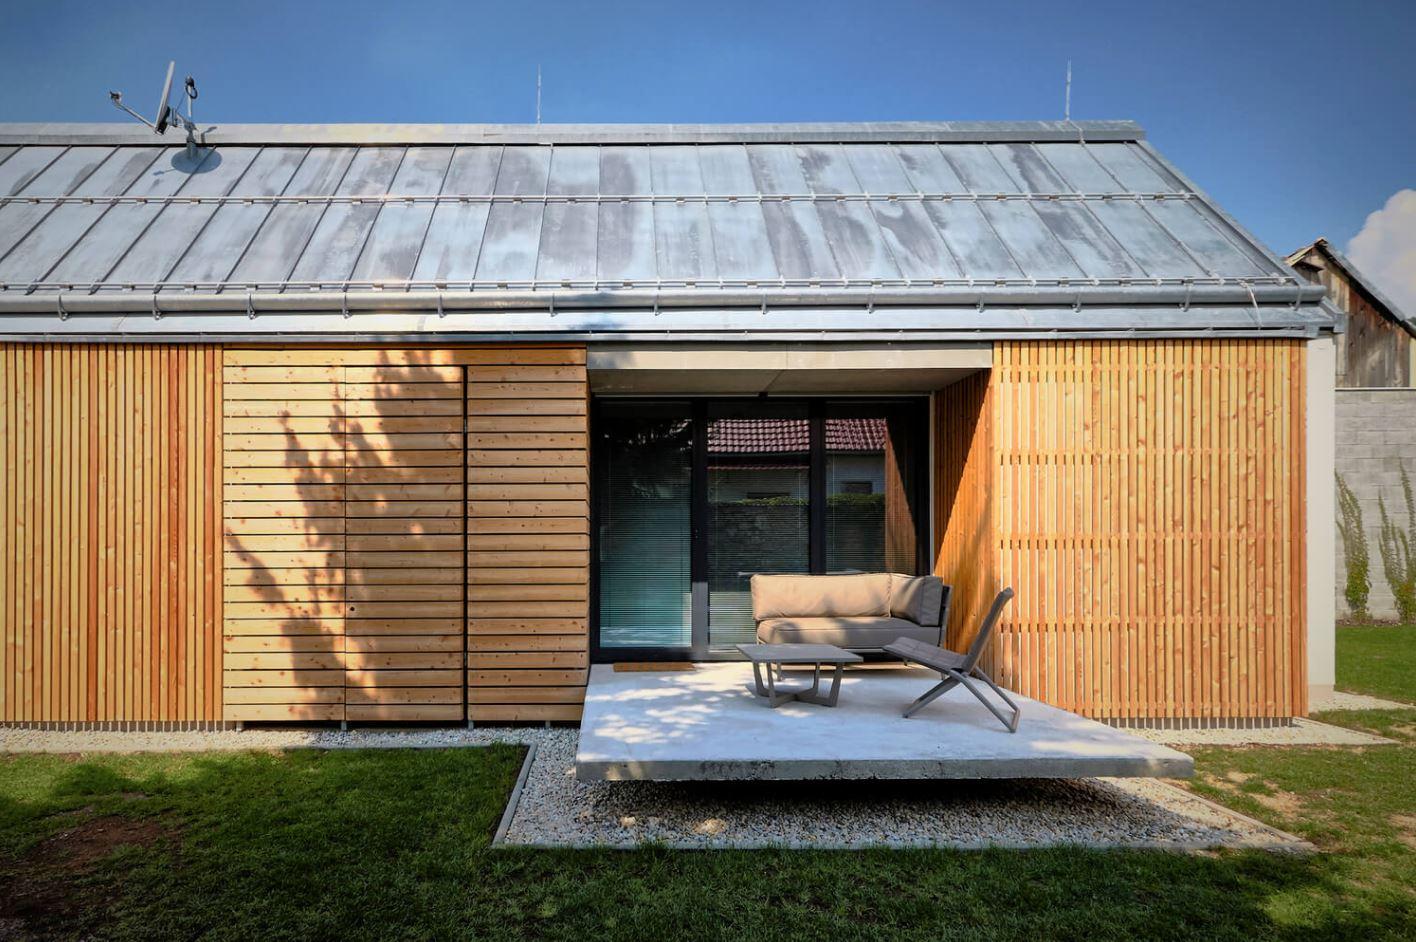 Fachadas de casas con techo a dos aguas - Casas de madera ...